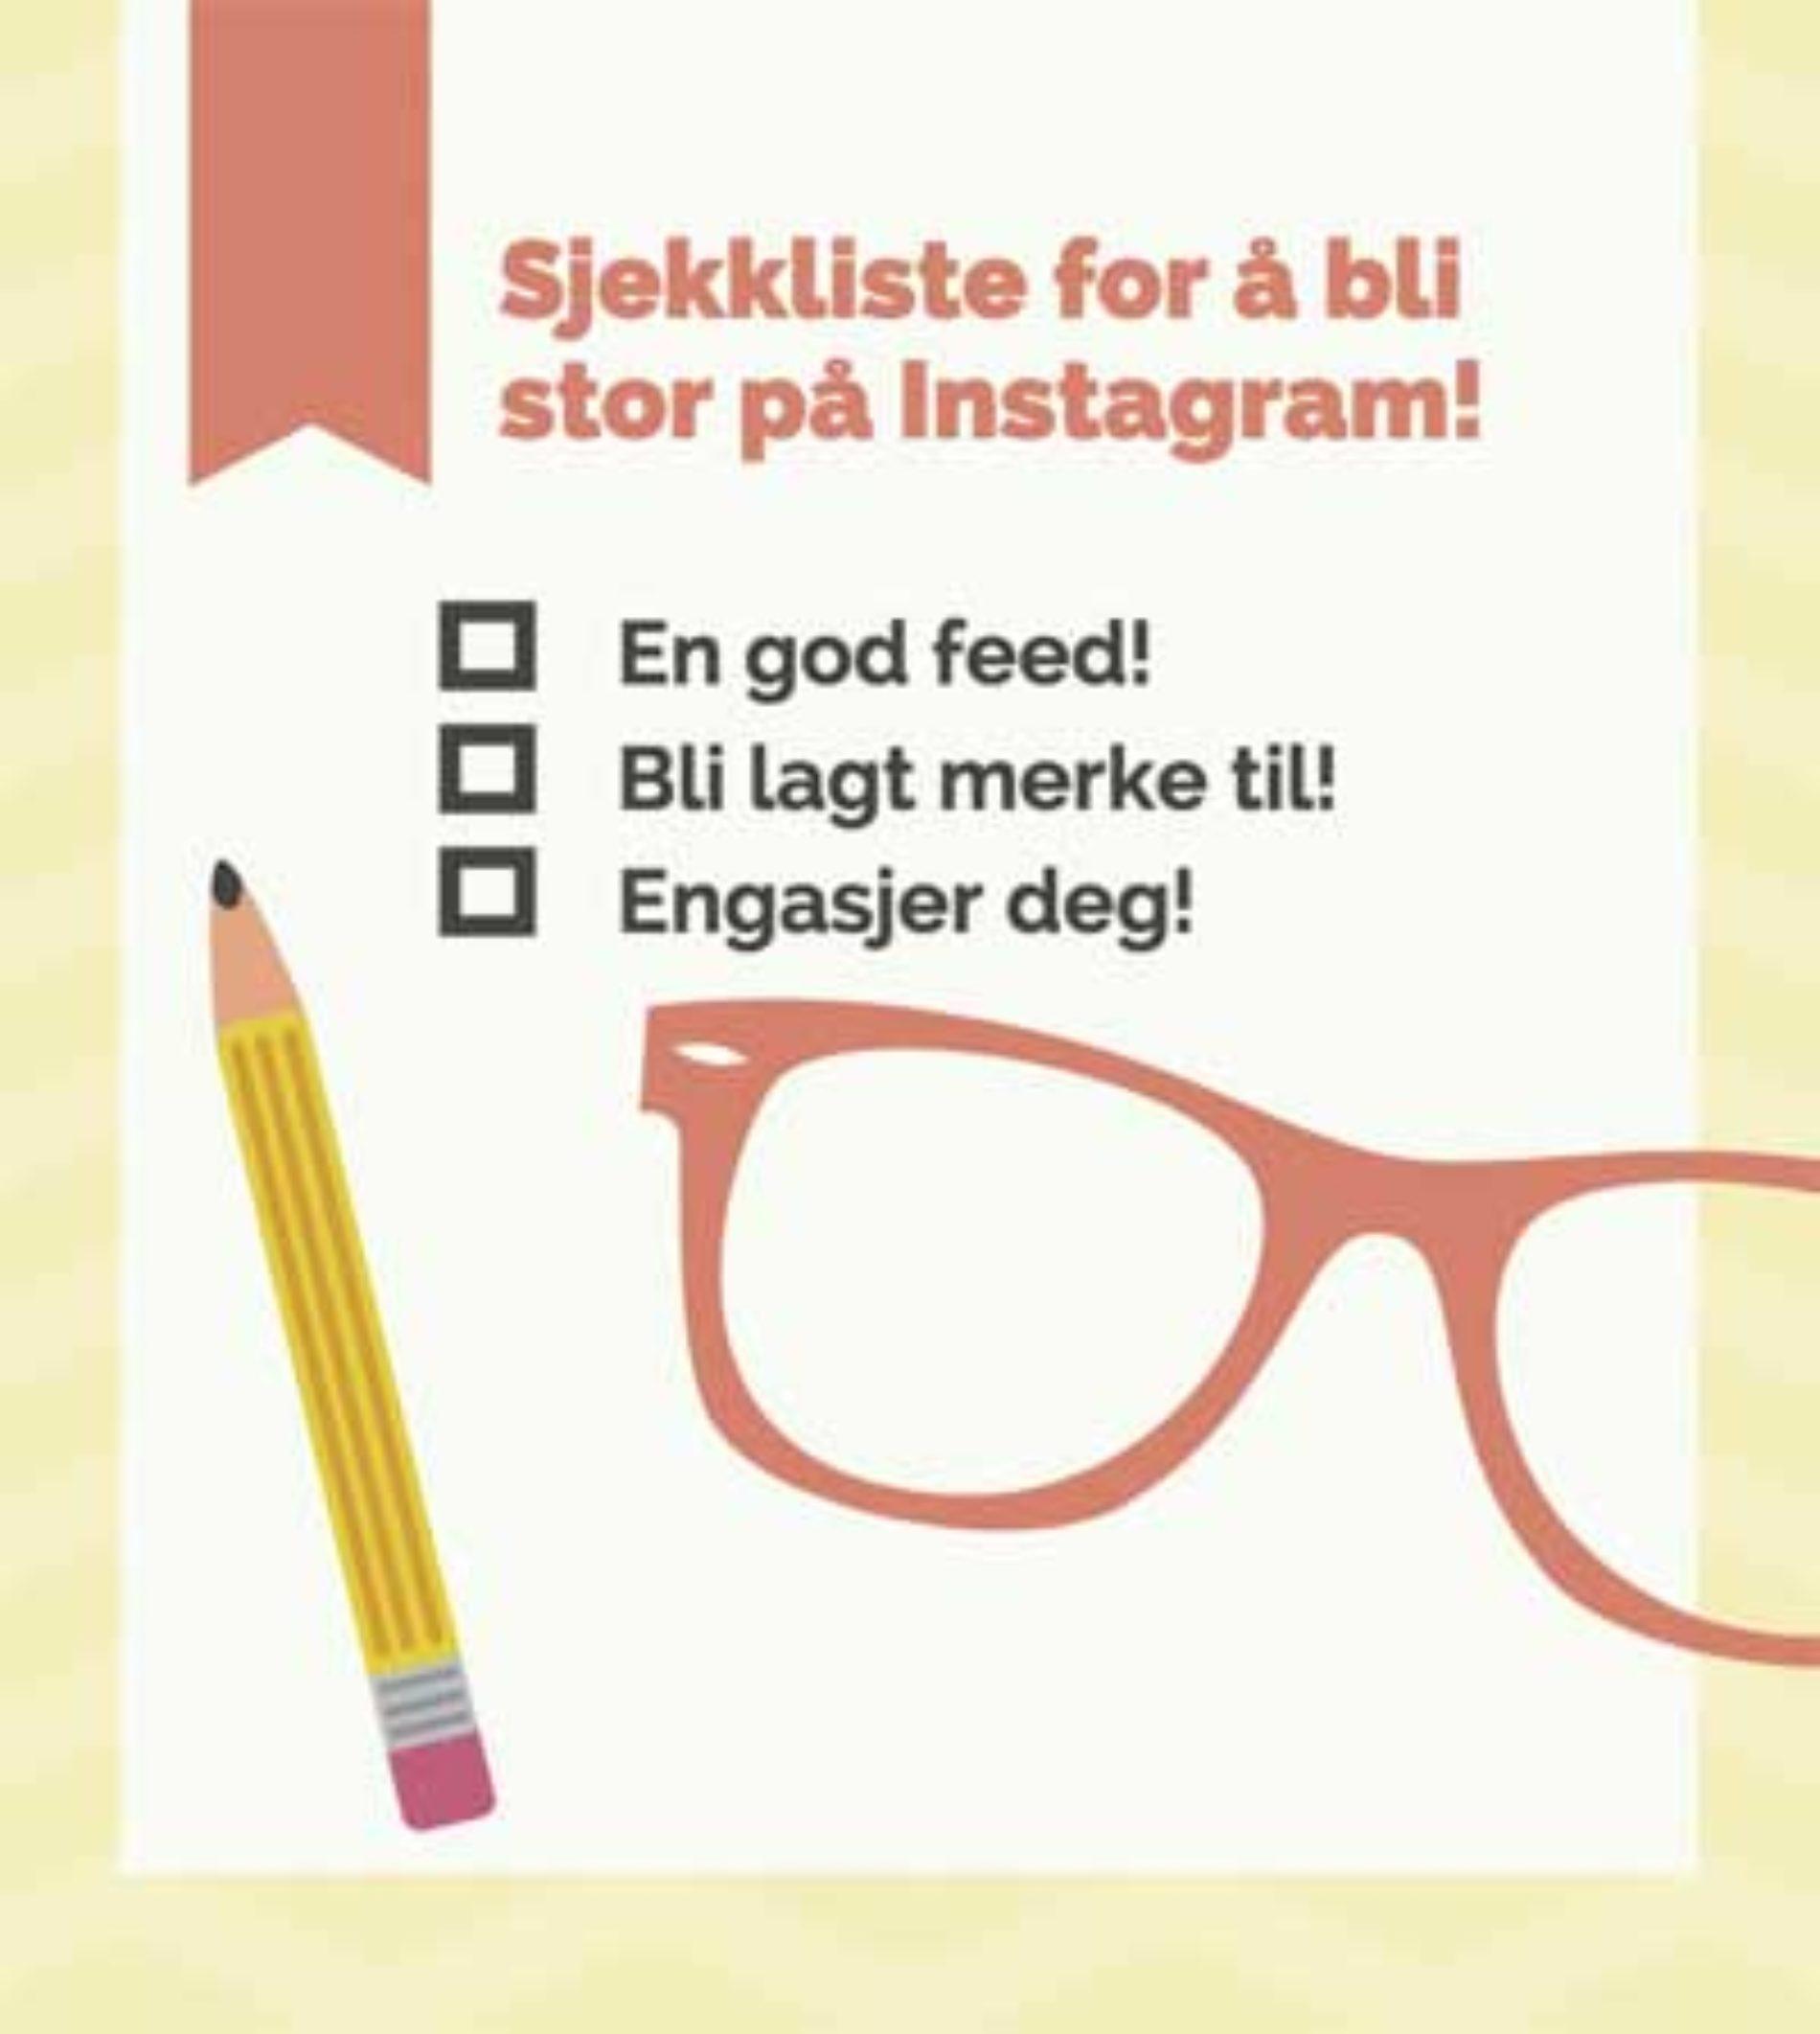 Hvordan bli stor på Instagram – få flere likes og følgere  nå!